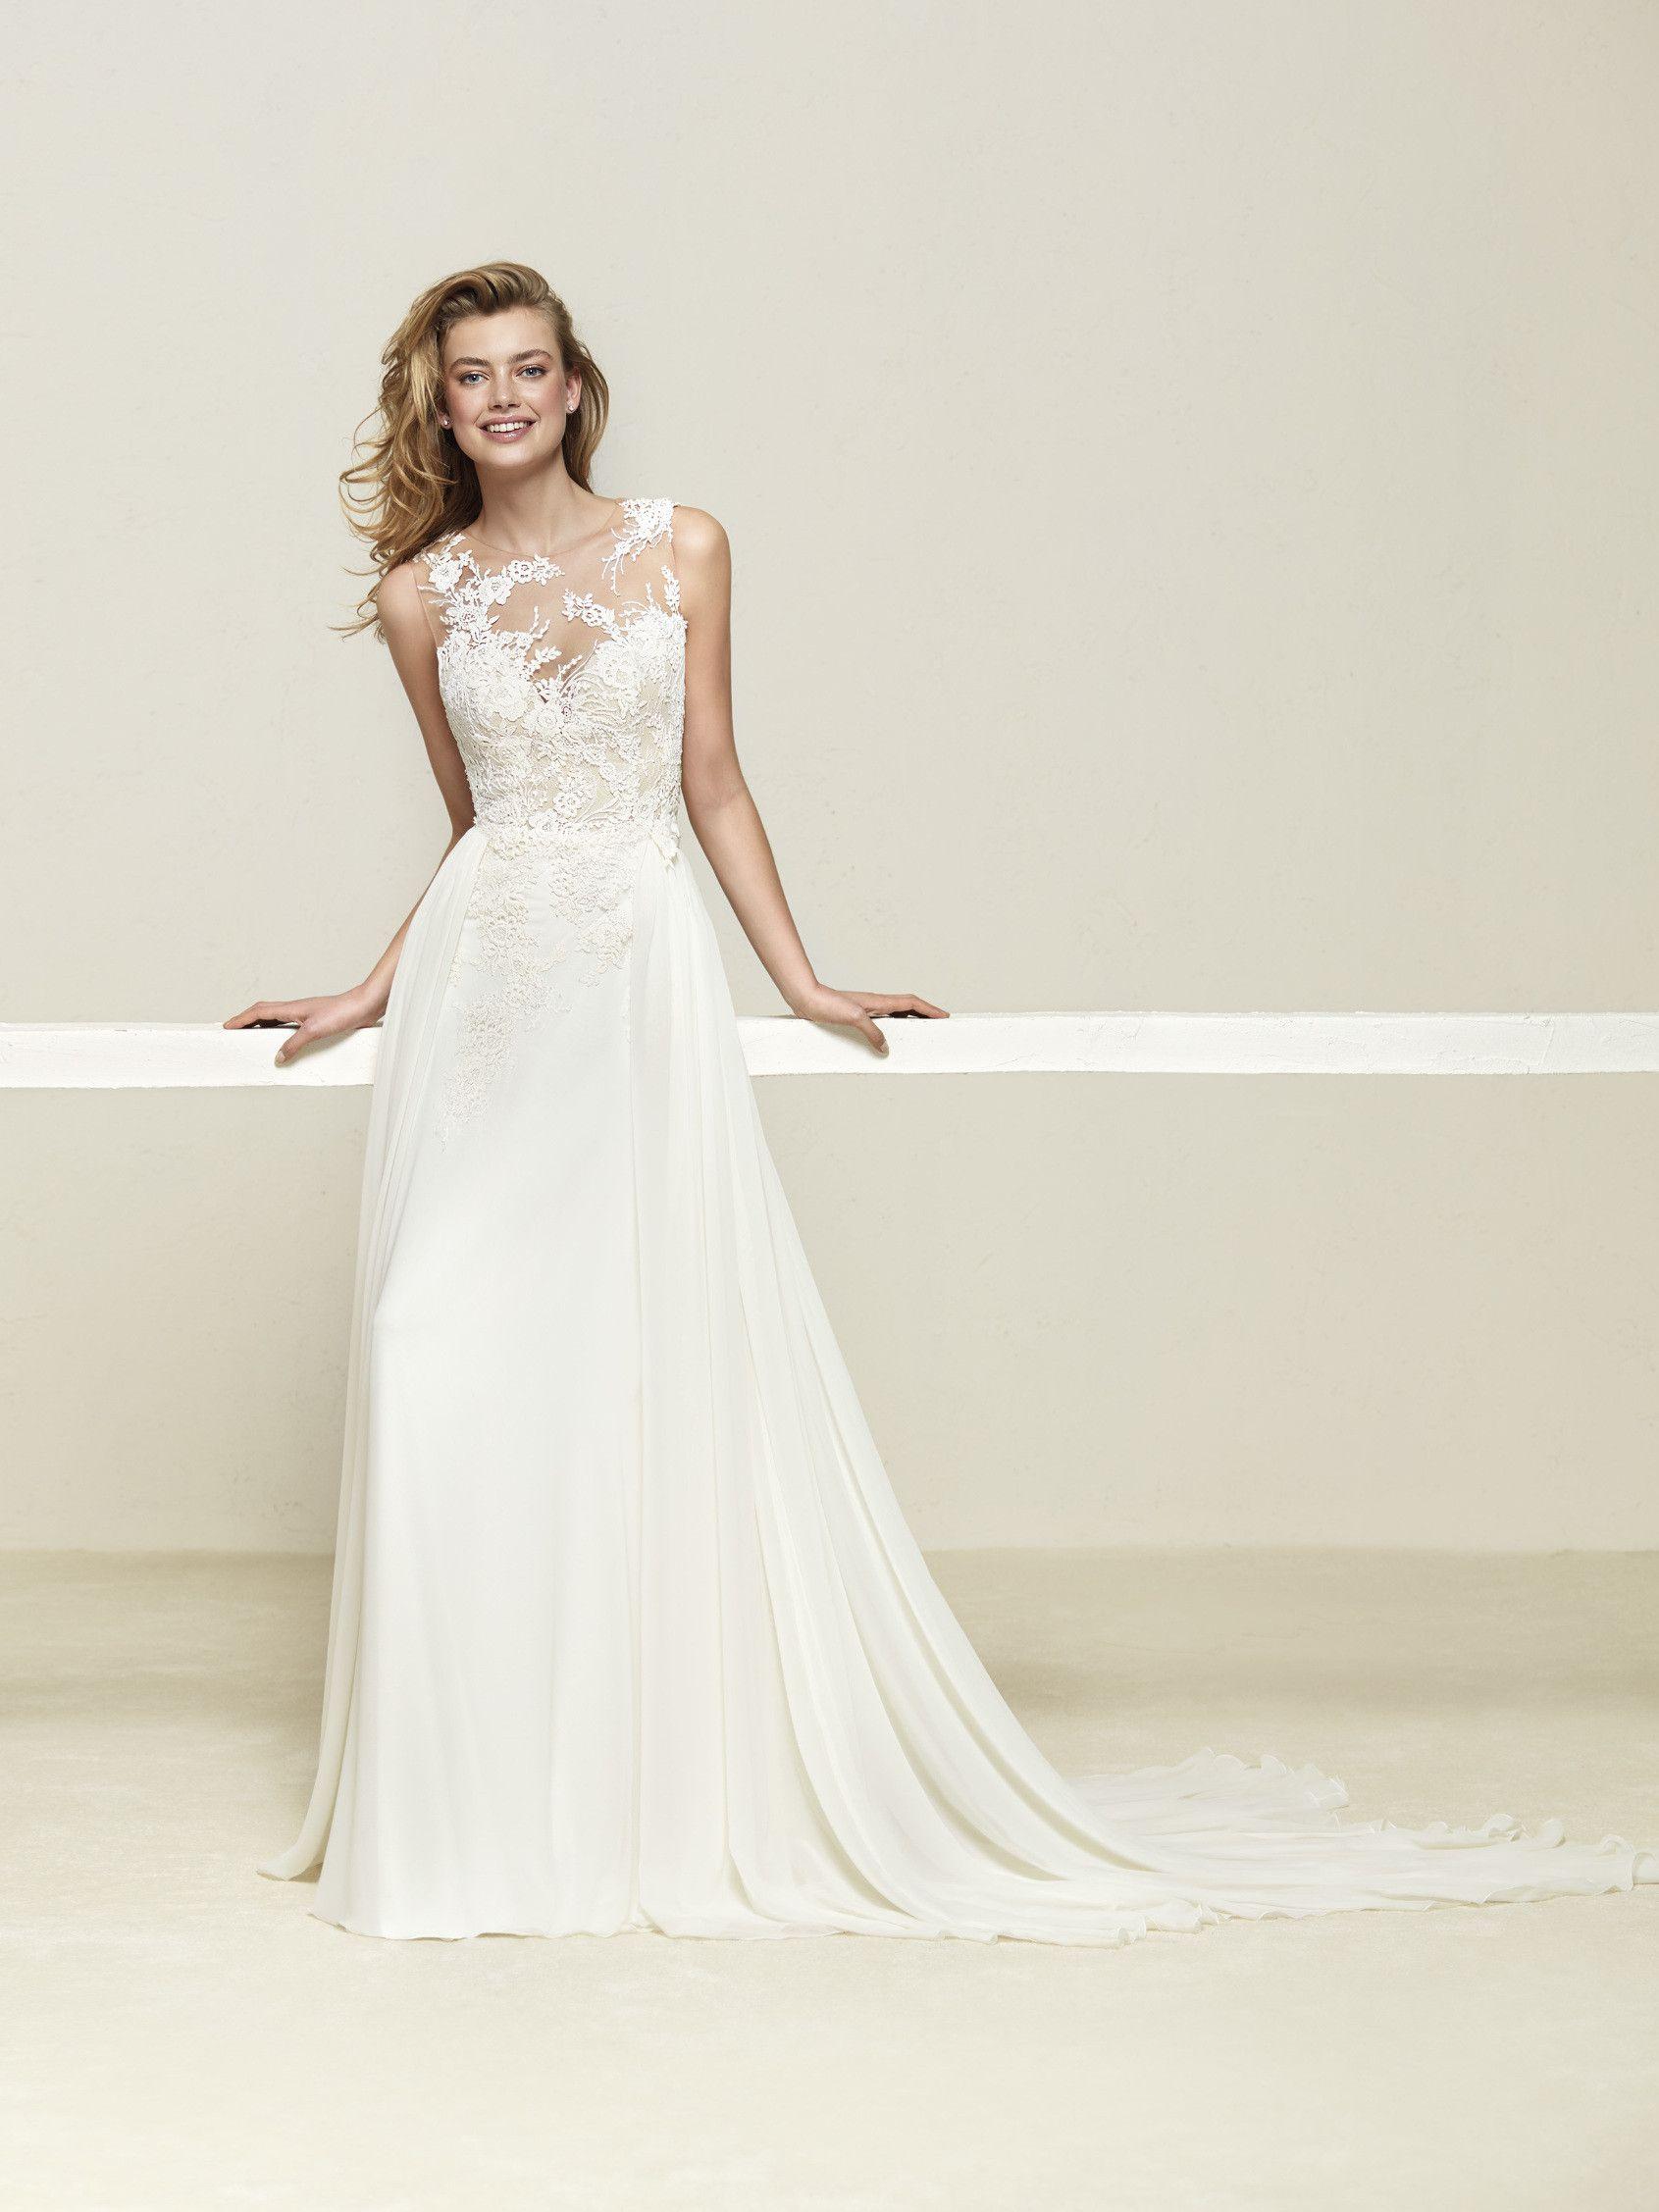 ee2bd07ae34 Designer Pronovias SKU Druelia - VeLace Bridal - Wedding Dresses ...